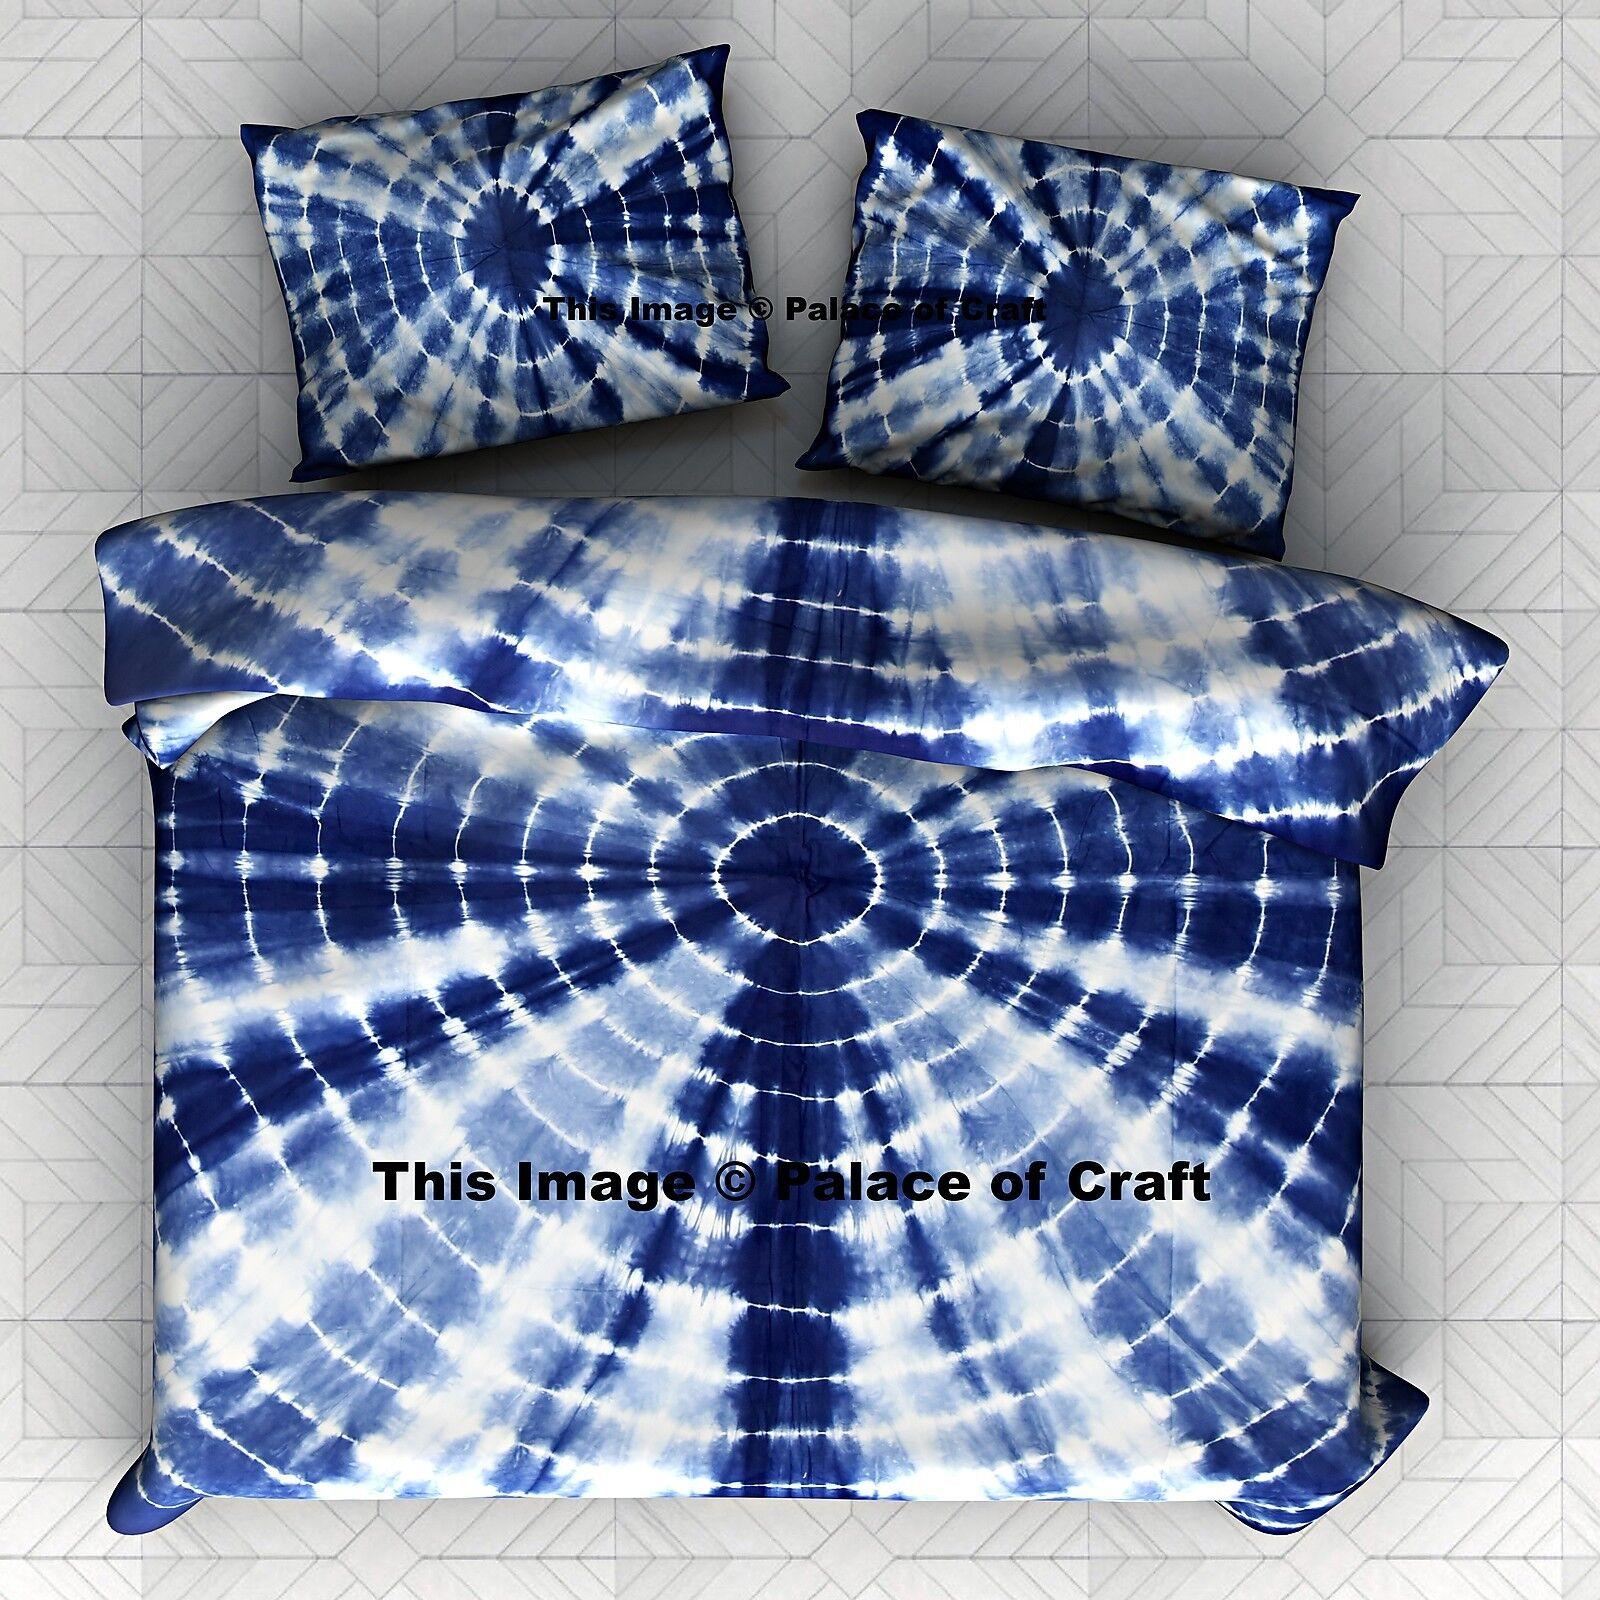 Tie Dye Duvet Cover Queen Doona Cover Indian Mandala Cotton Comforter Bohemian